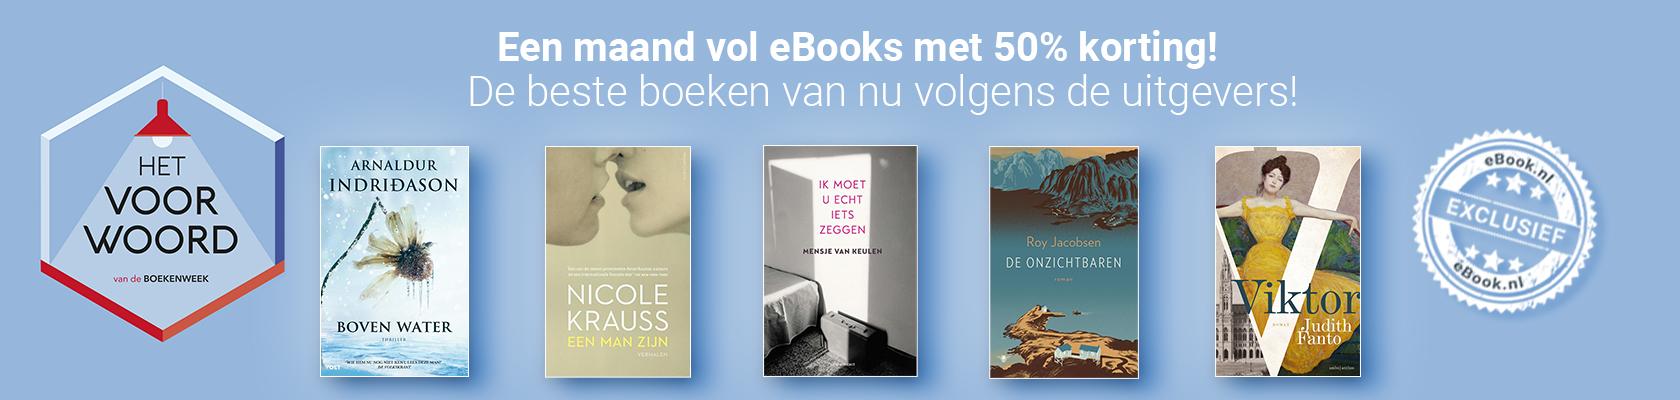 Maand vol eBooks_ Het Voor Word van de Boekenweek